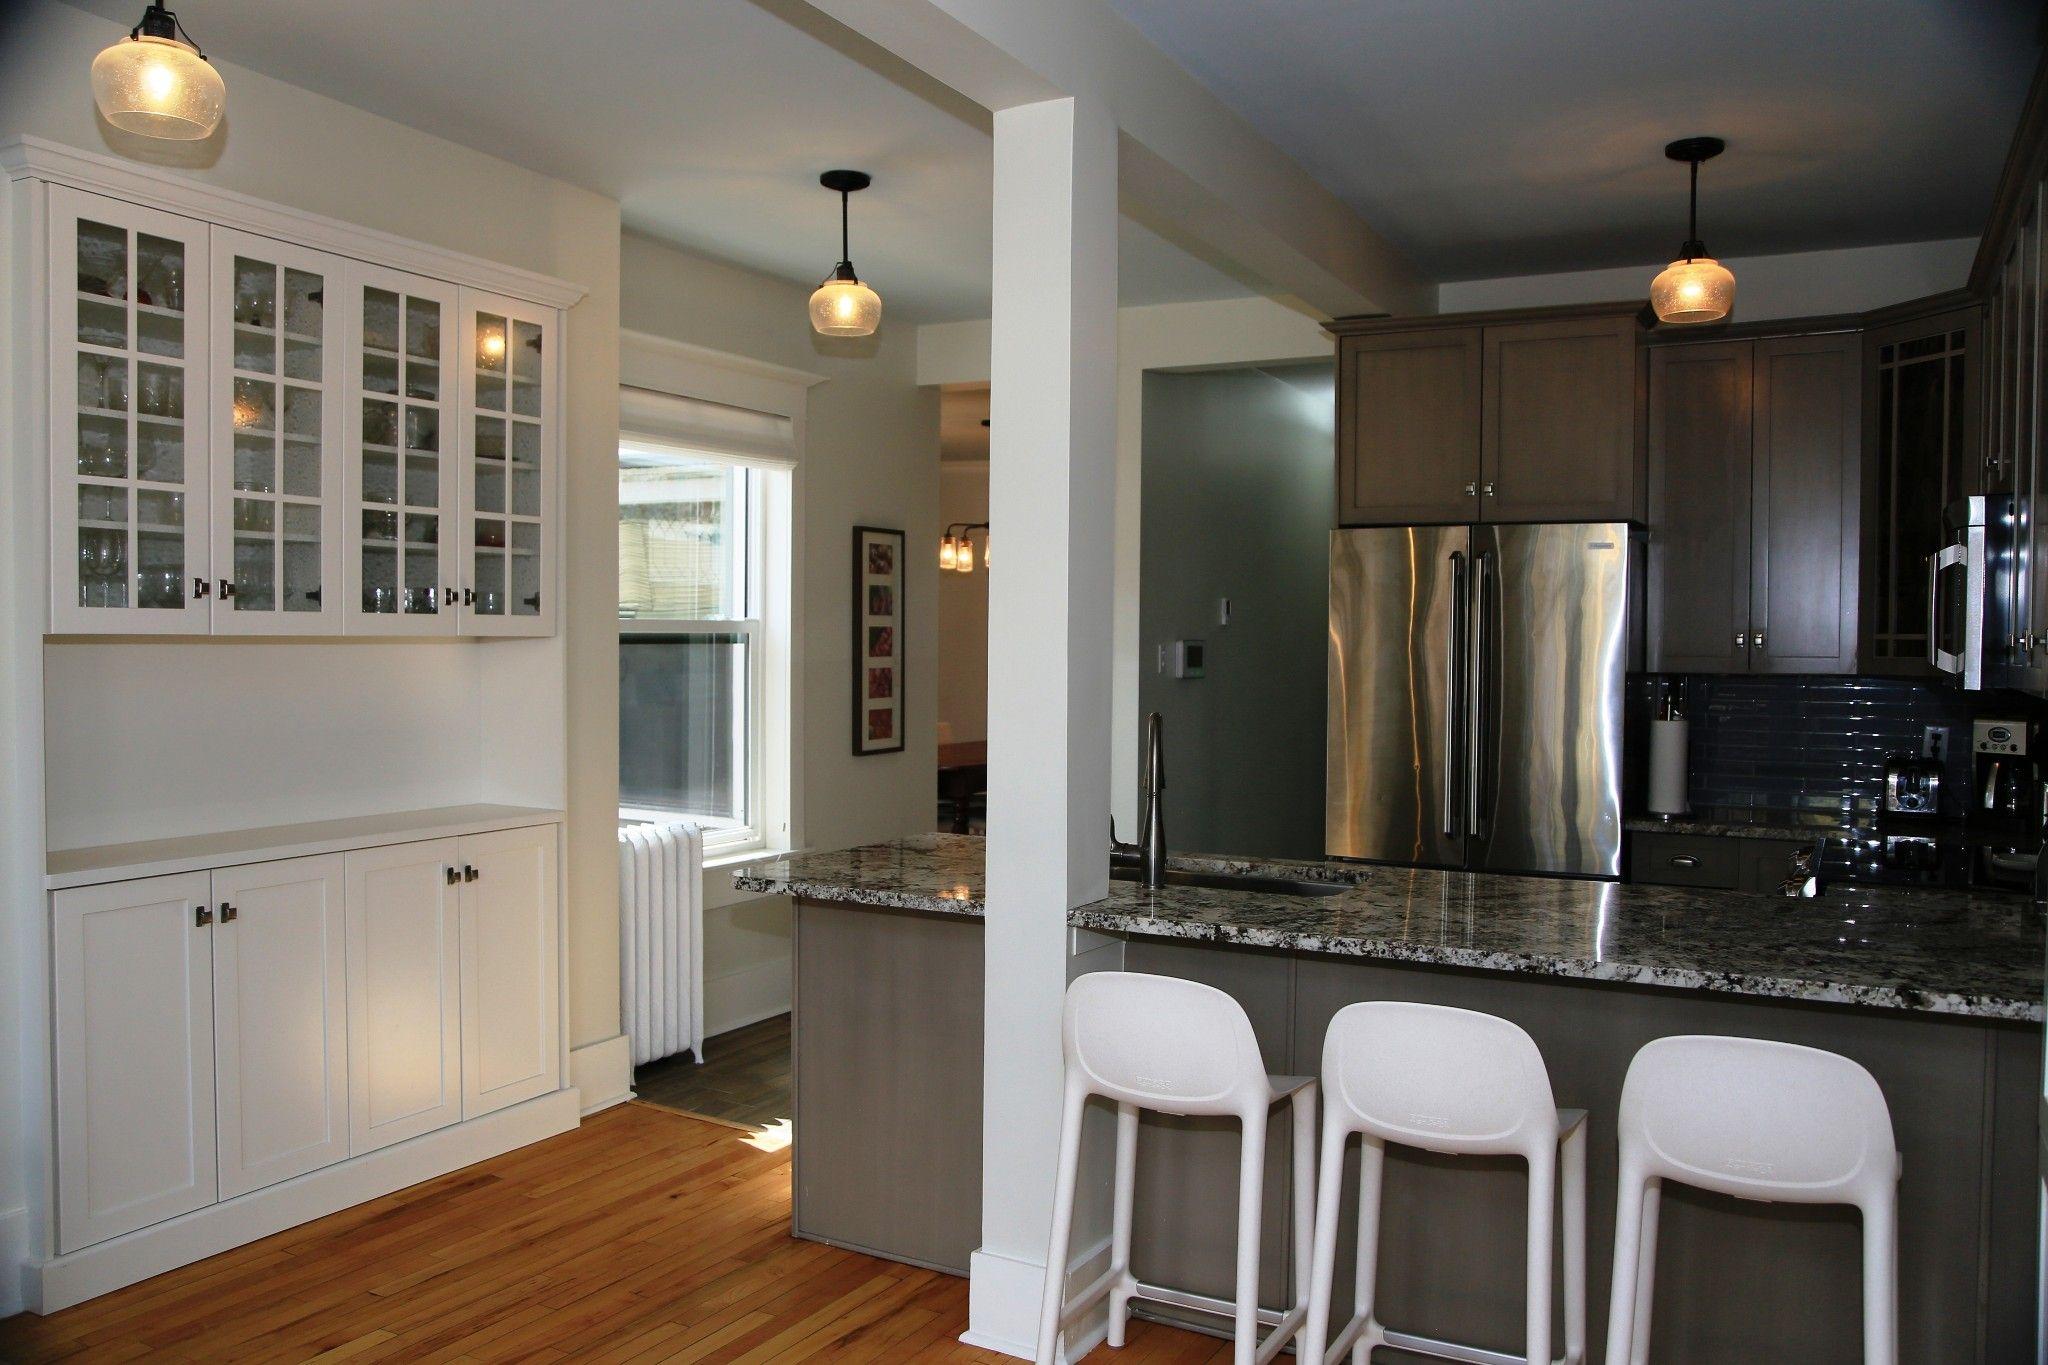 Photo 22: Photos: 121 Ruby Street in Winnipeg: Wolseley Single Family Detached for sale (5B)  : MLS®# 1808798